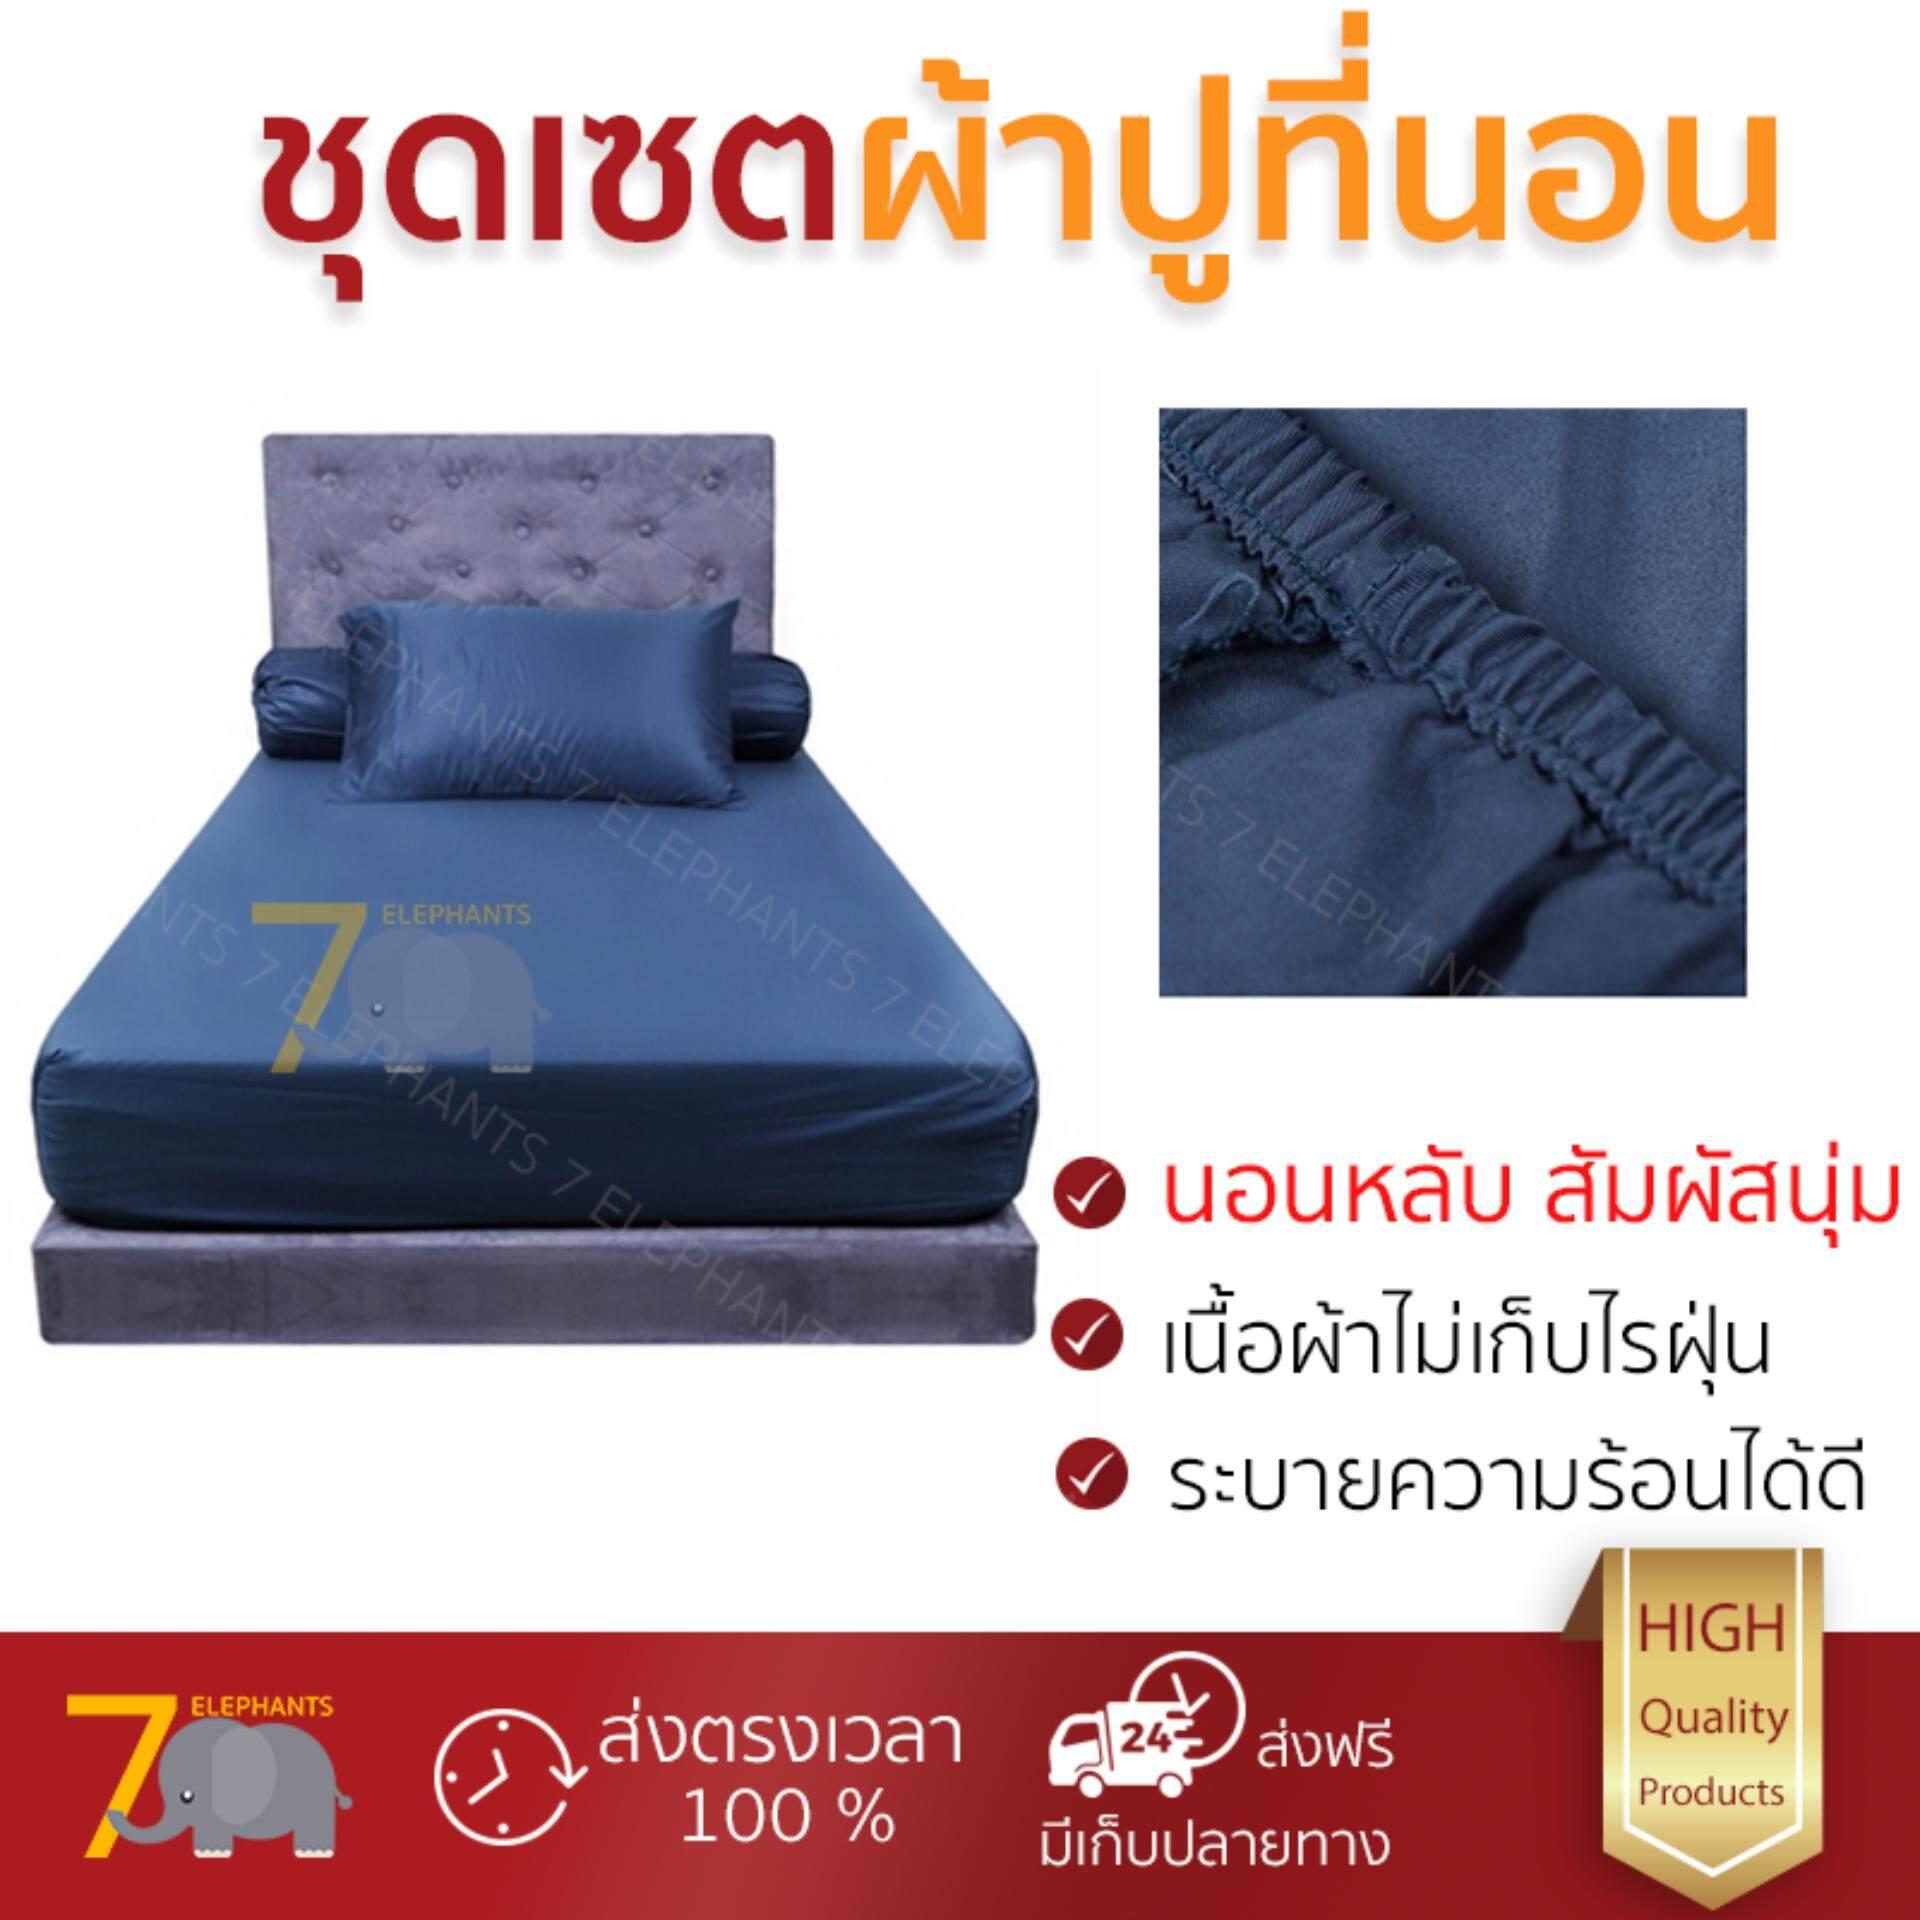 ลดสุดๆ ผ้าปูที่นอน ผ้าปูที่นอนกันไรฝุ่น ผ้าปู T3 HOME LIVING STYLE 375TC SHIN NAVY | HOME LIVING STYLE | ผ้าปูT3HLS375TC SHIN N สัมผัสนุ่ม นอนหลับสบาย เส้นใยทอพิเศษ ระบายความร้อนได้ดี กันเชื้อราและแบค